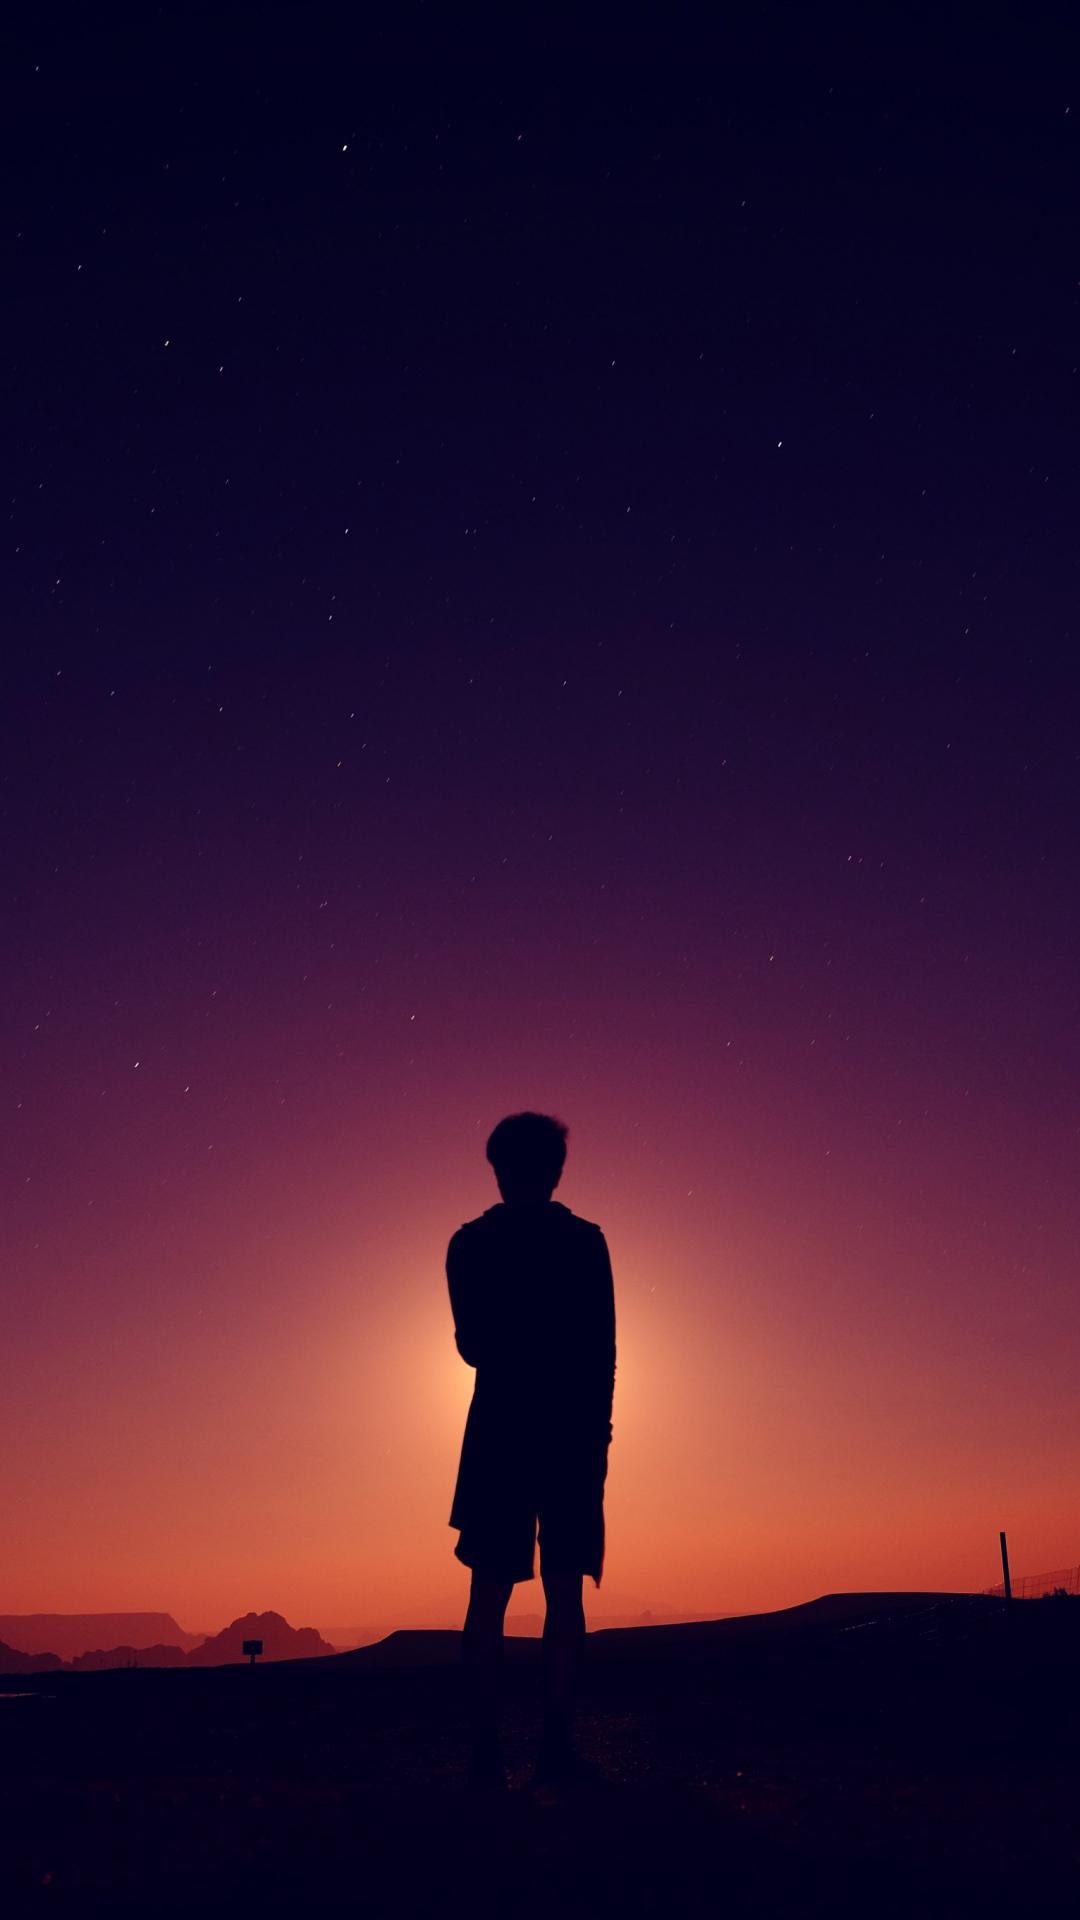 silhouette man night 115446 1080x1920 Silhouette